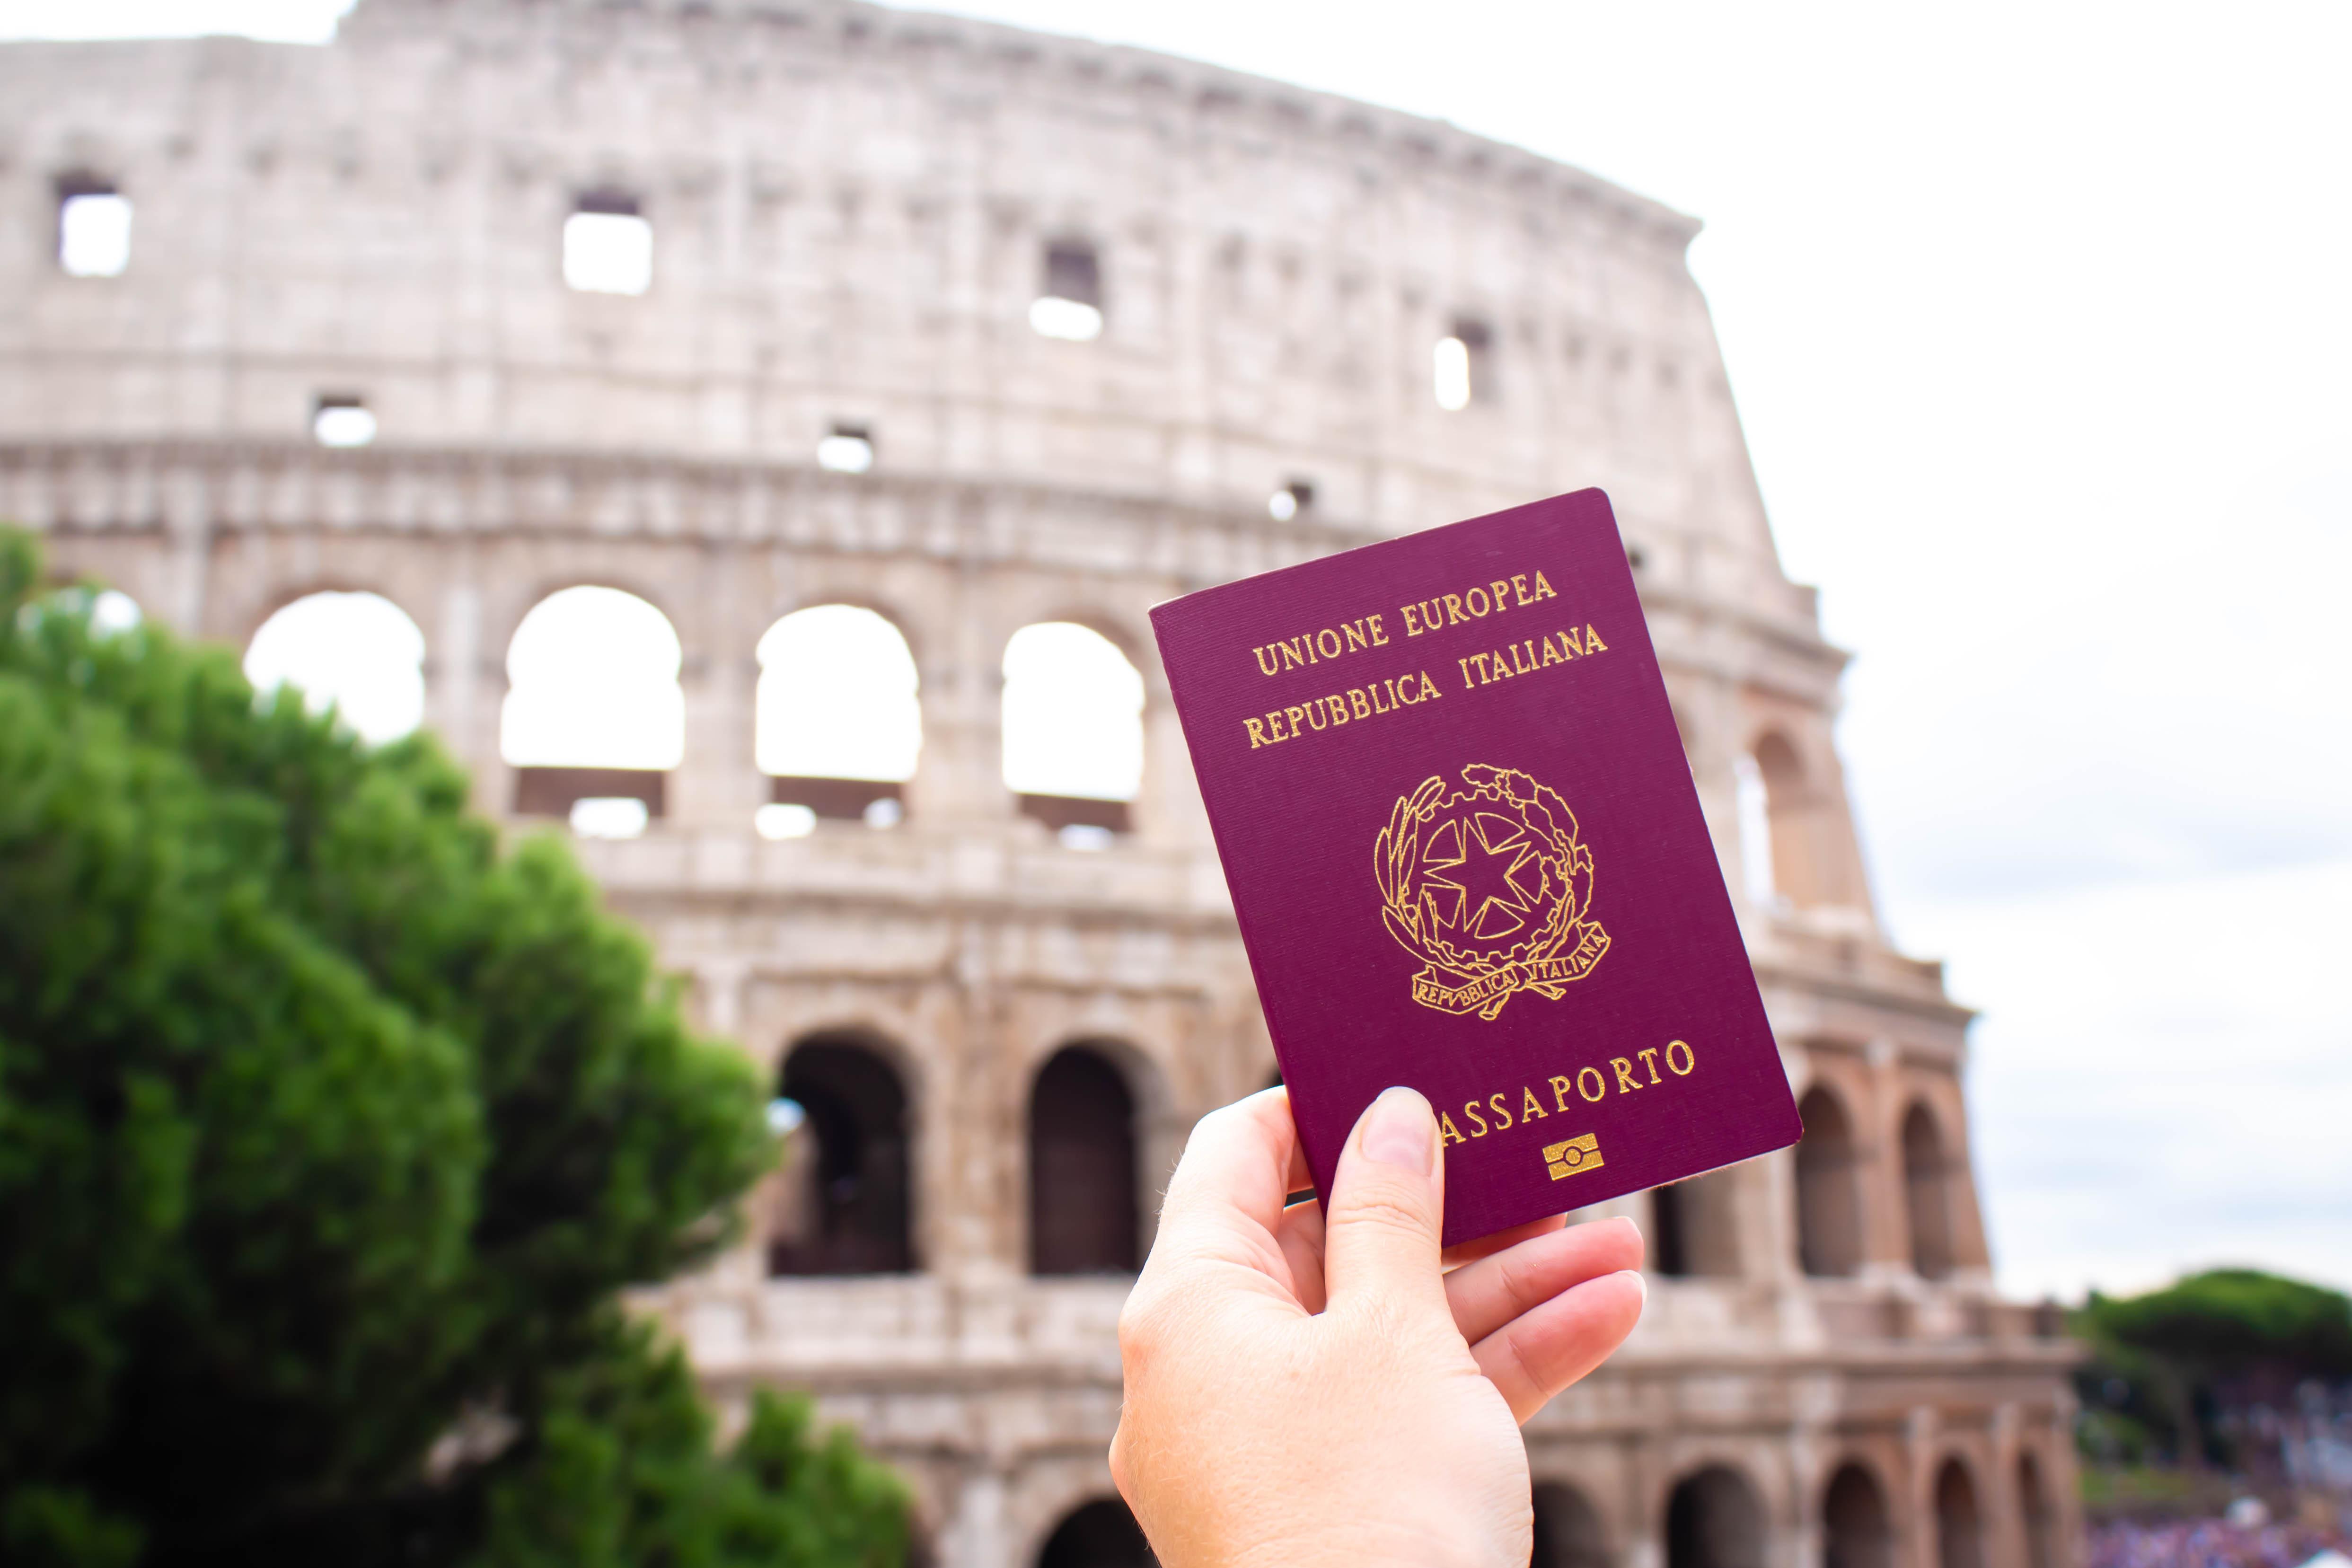 Паспорт Италии, гражданство которой могут получить иностранцы